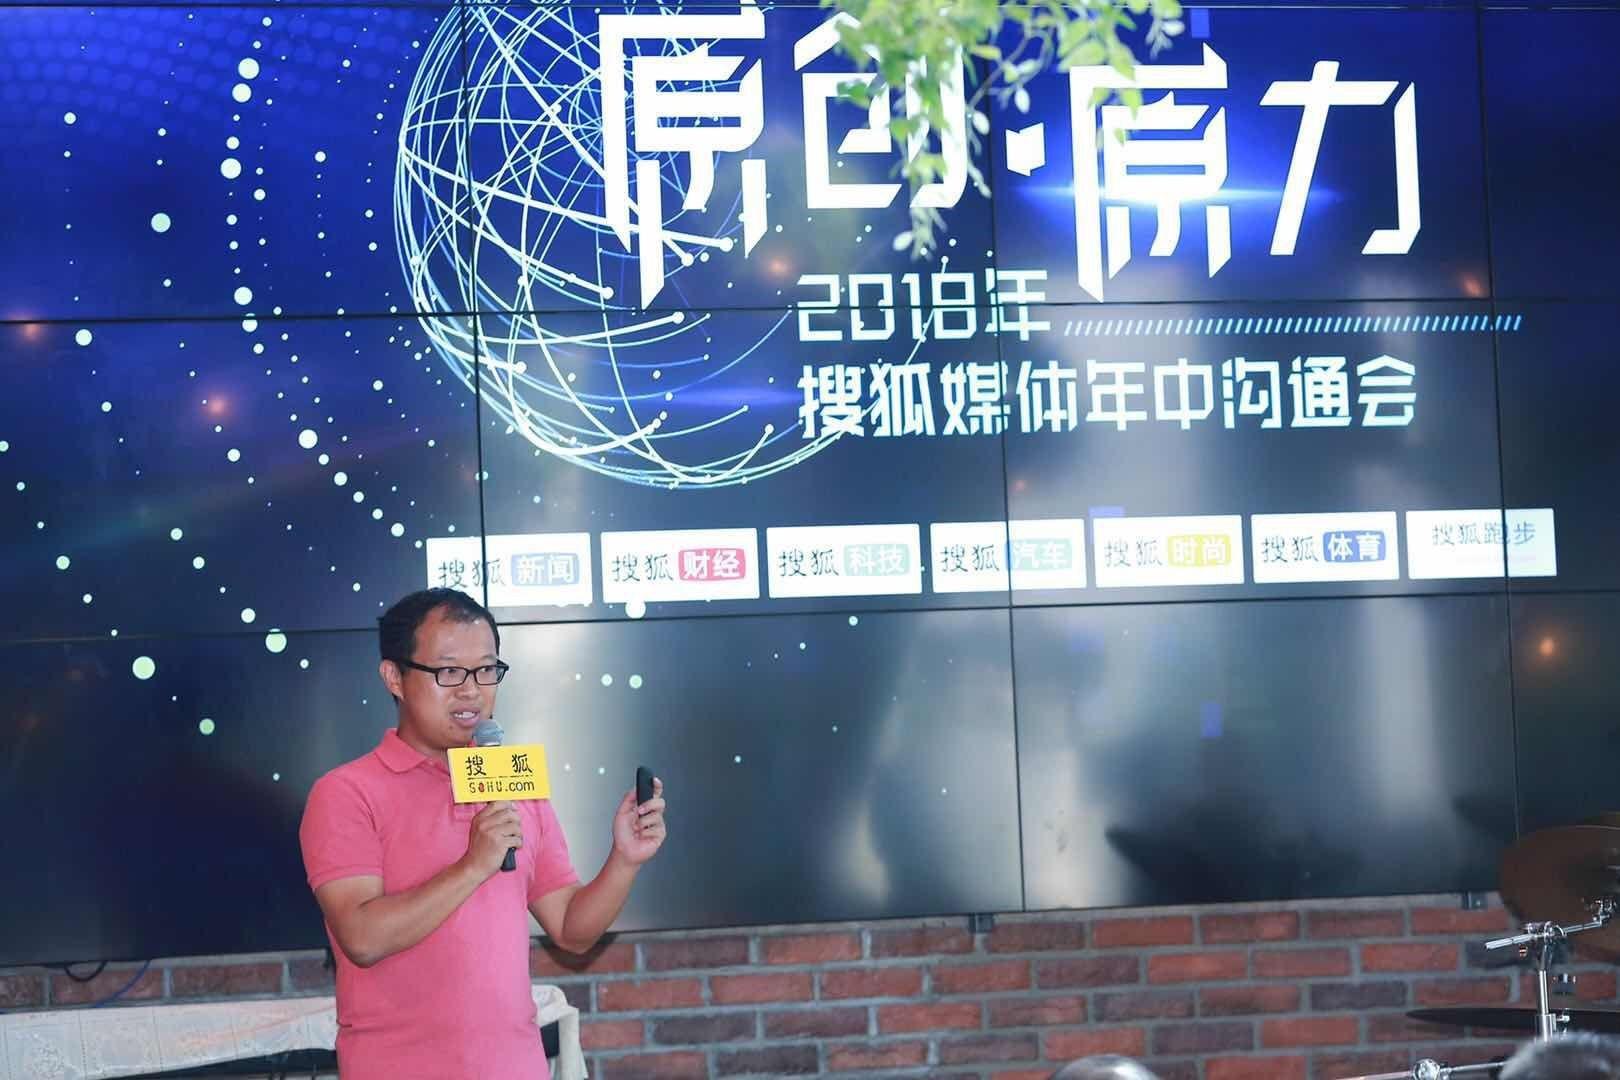 """搜狐网副总编晏成:搜狐""""媒体+平台""""战略并行,优质原创凸显价值观与公信力"""